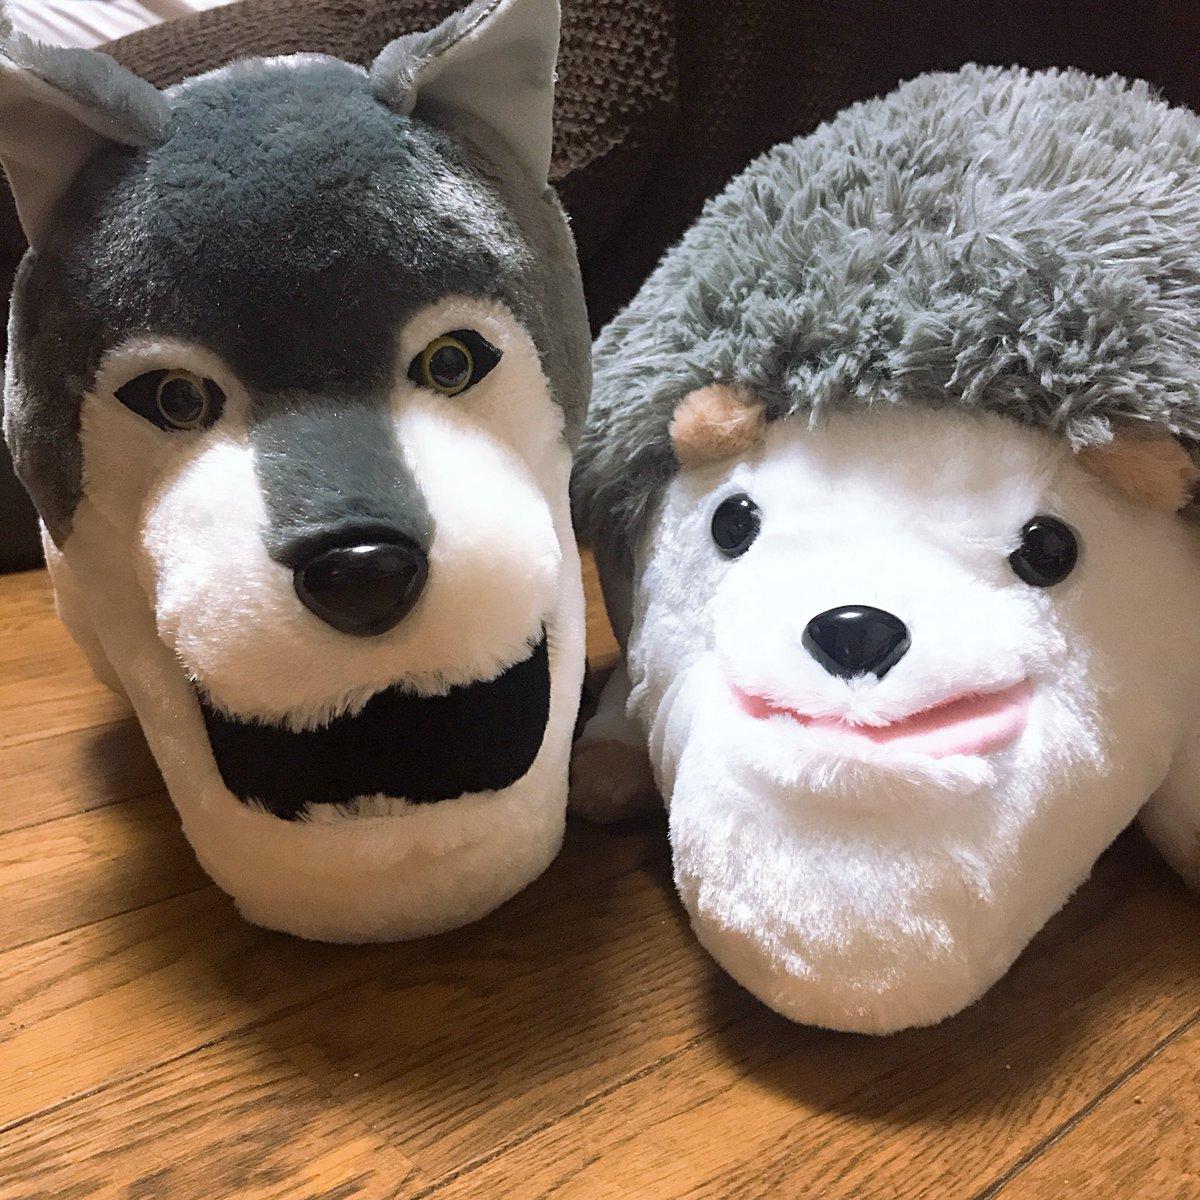 test ツイッターメディア - 家族からの誕プレ〜。 シャクレルプラネットのオオカミとハリネズミ! あとはANNA SUI!!!! https://t.co/3pnURWNBxZ